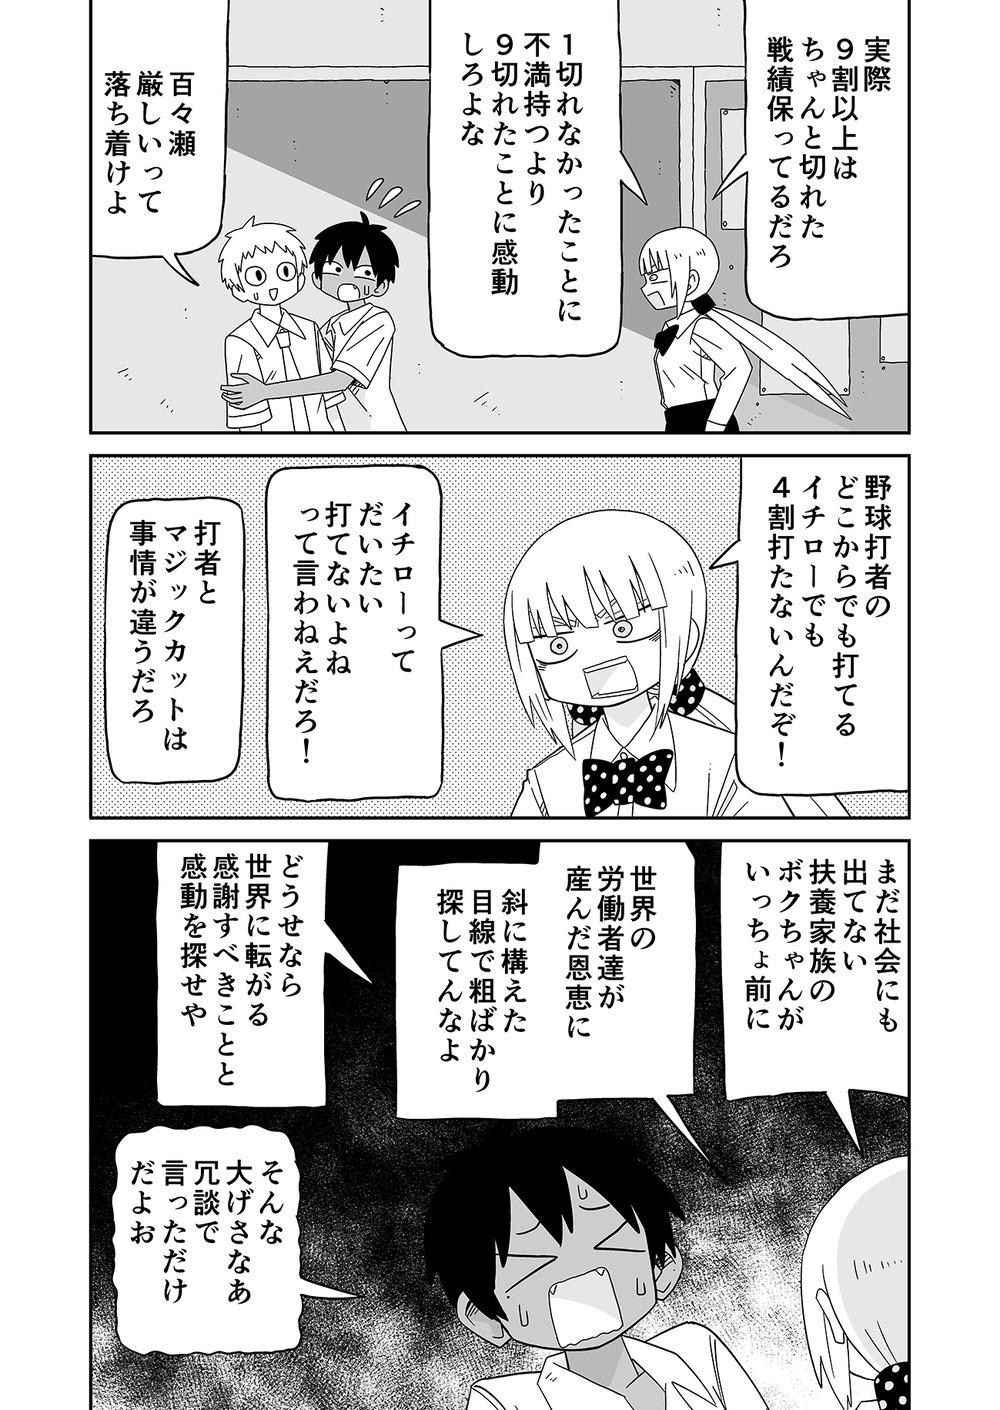 潮舞データオマケ30006 (2)